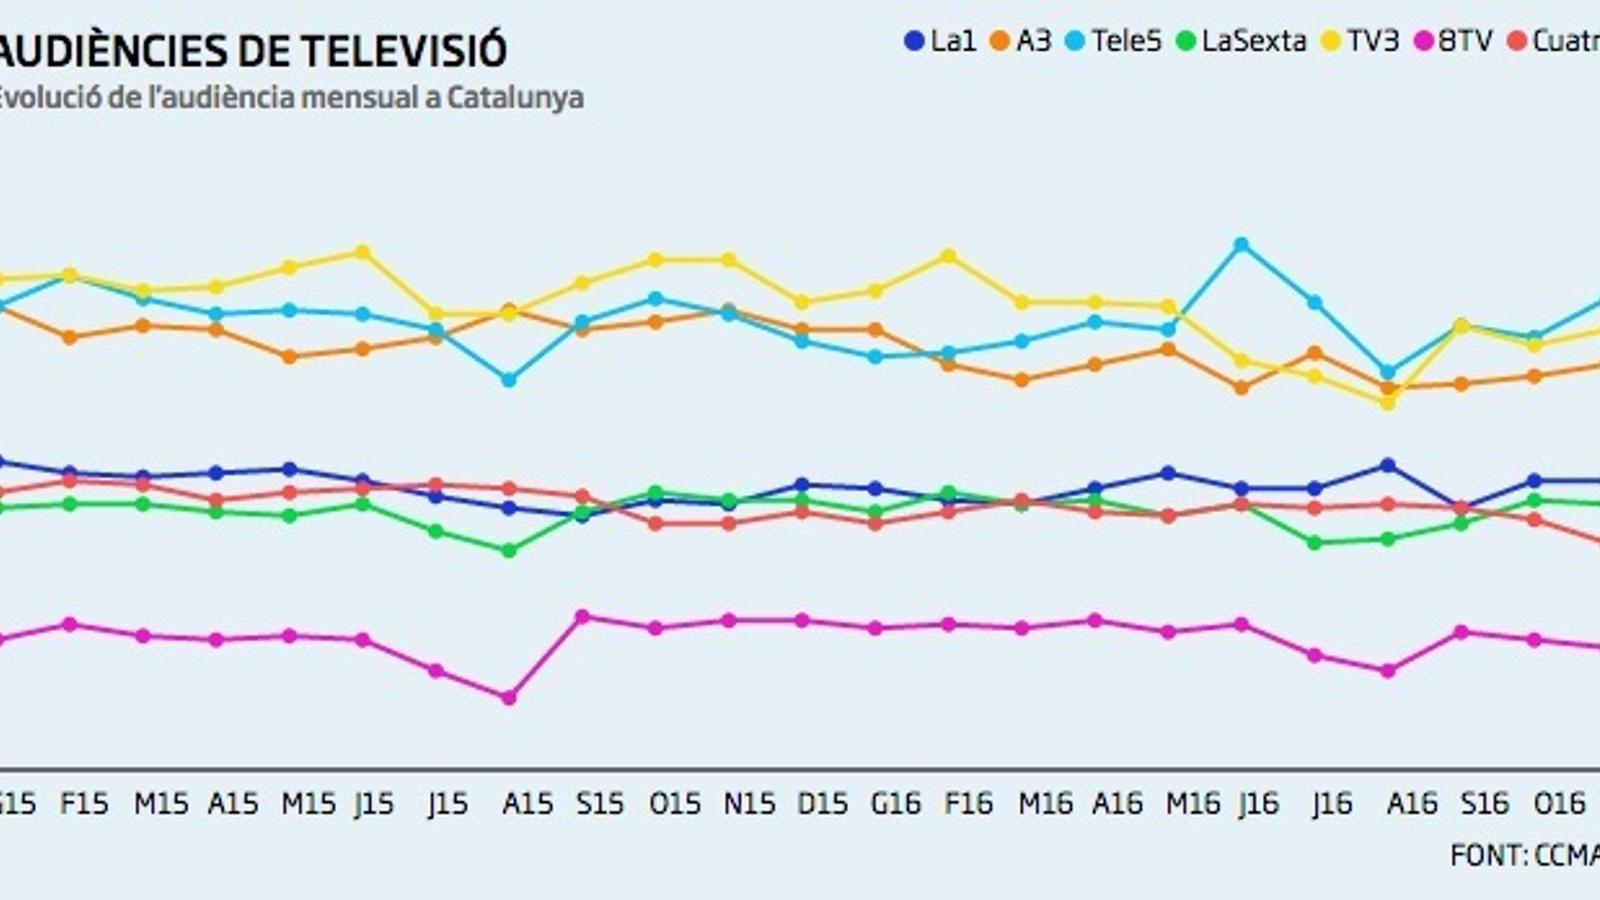 Telecinco lidera còmodament al novembre i ja iguala TV3 en la mitjana anual